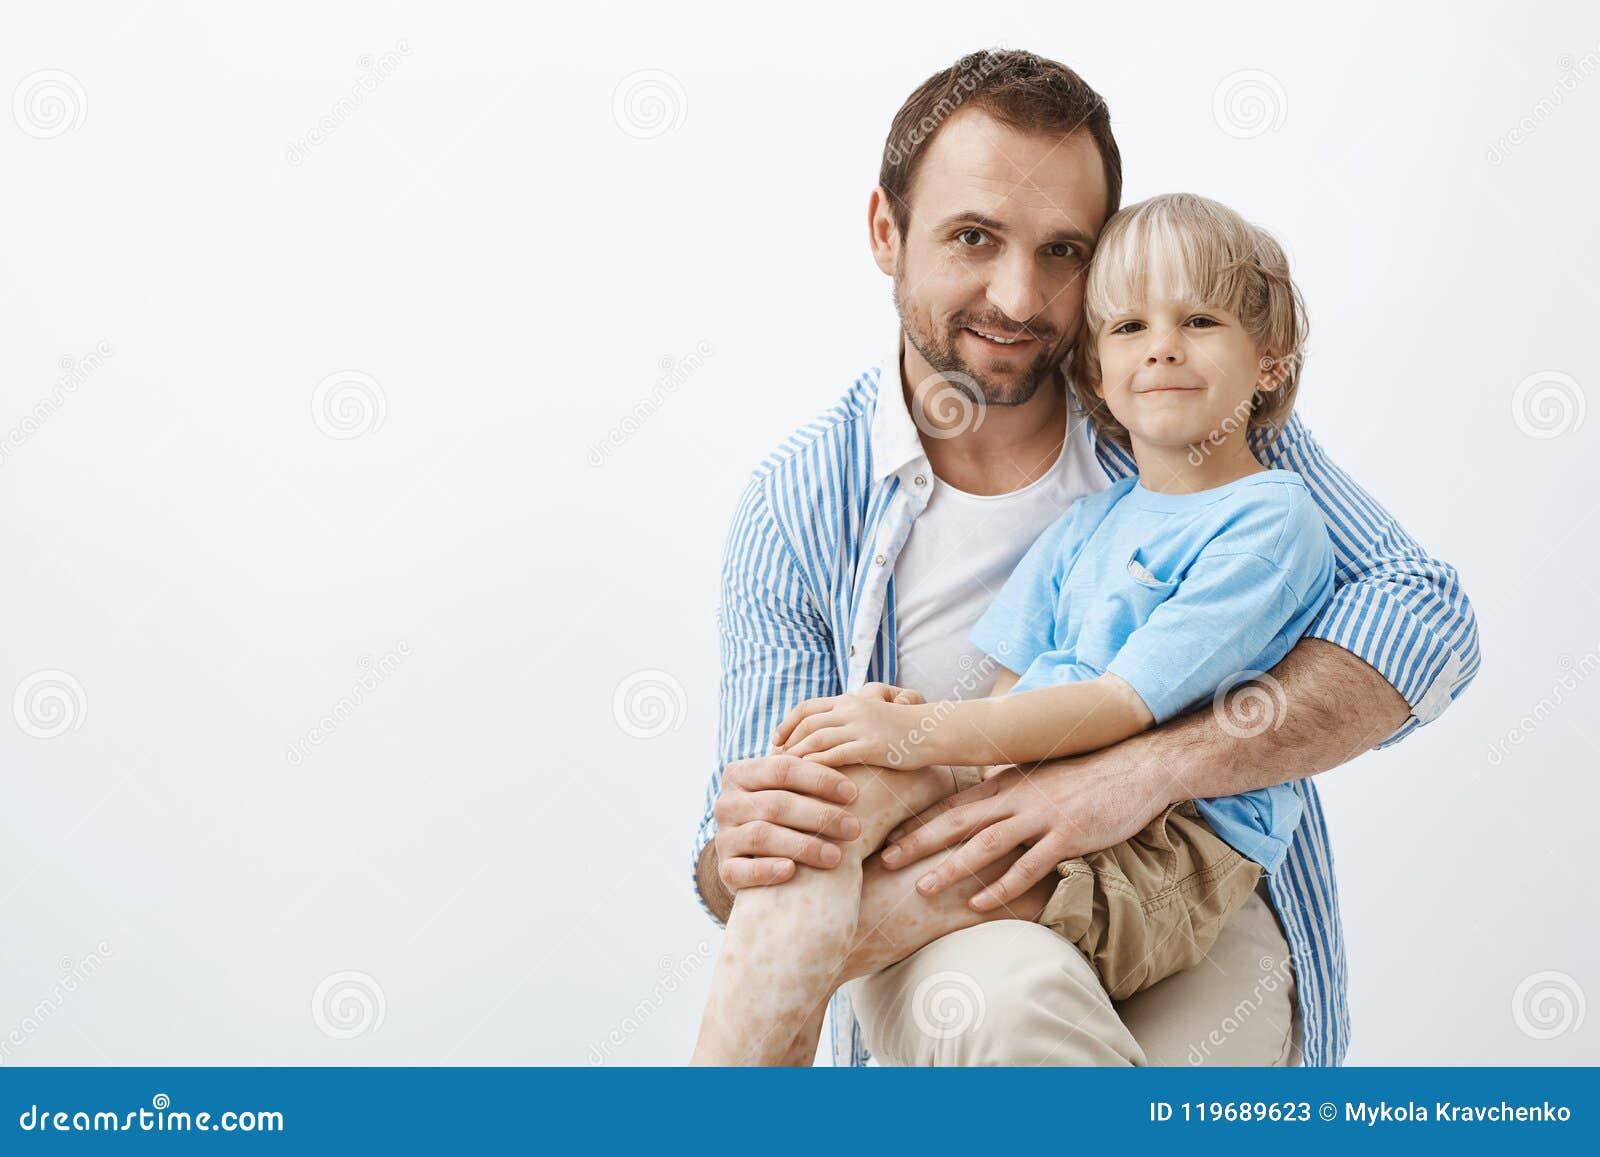 Στούντιο που πυροβολείται του ευτυχών θετικών πατέρα και του γιου με το vitiligo, αγκαλιάζοντας και χαμογελώντας ευρέως στη κάμερ